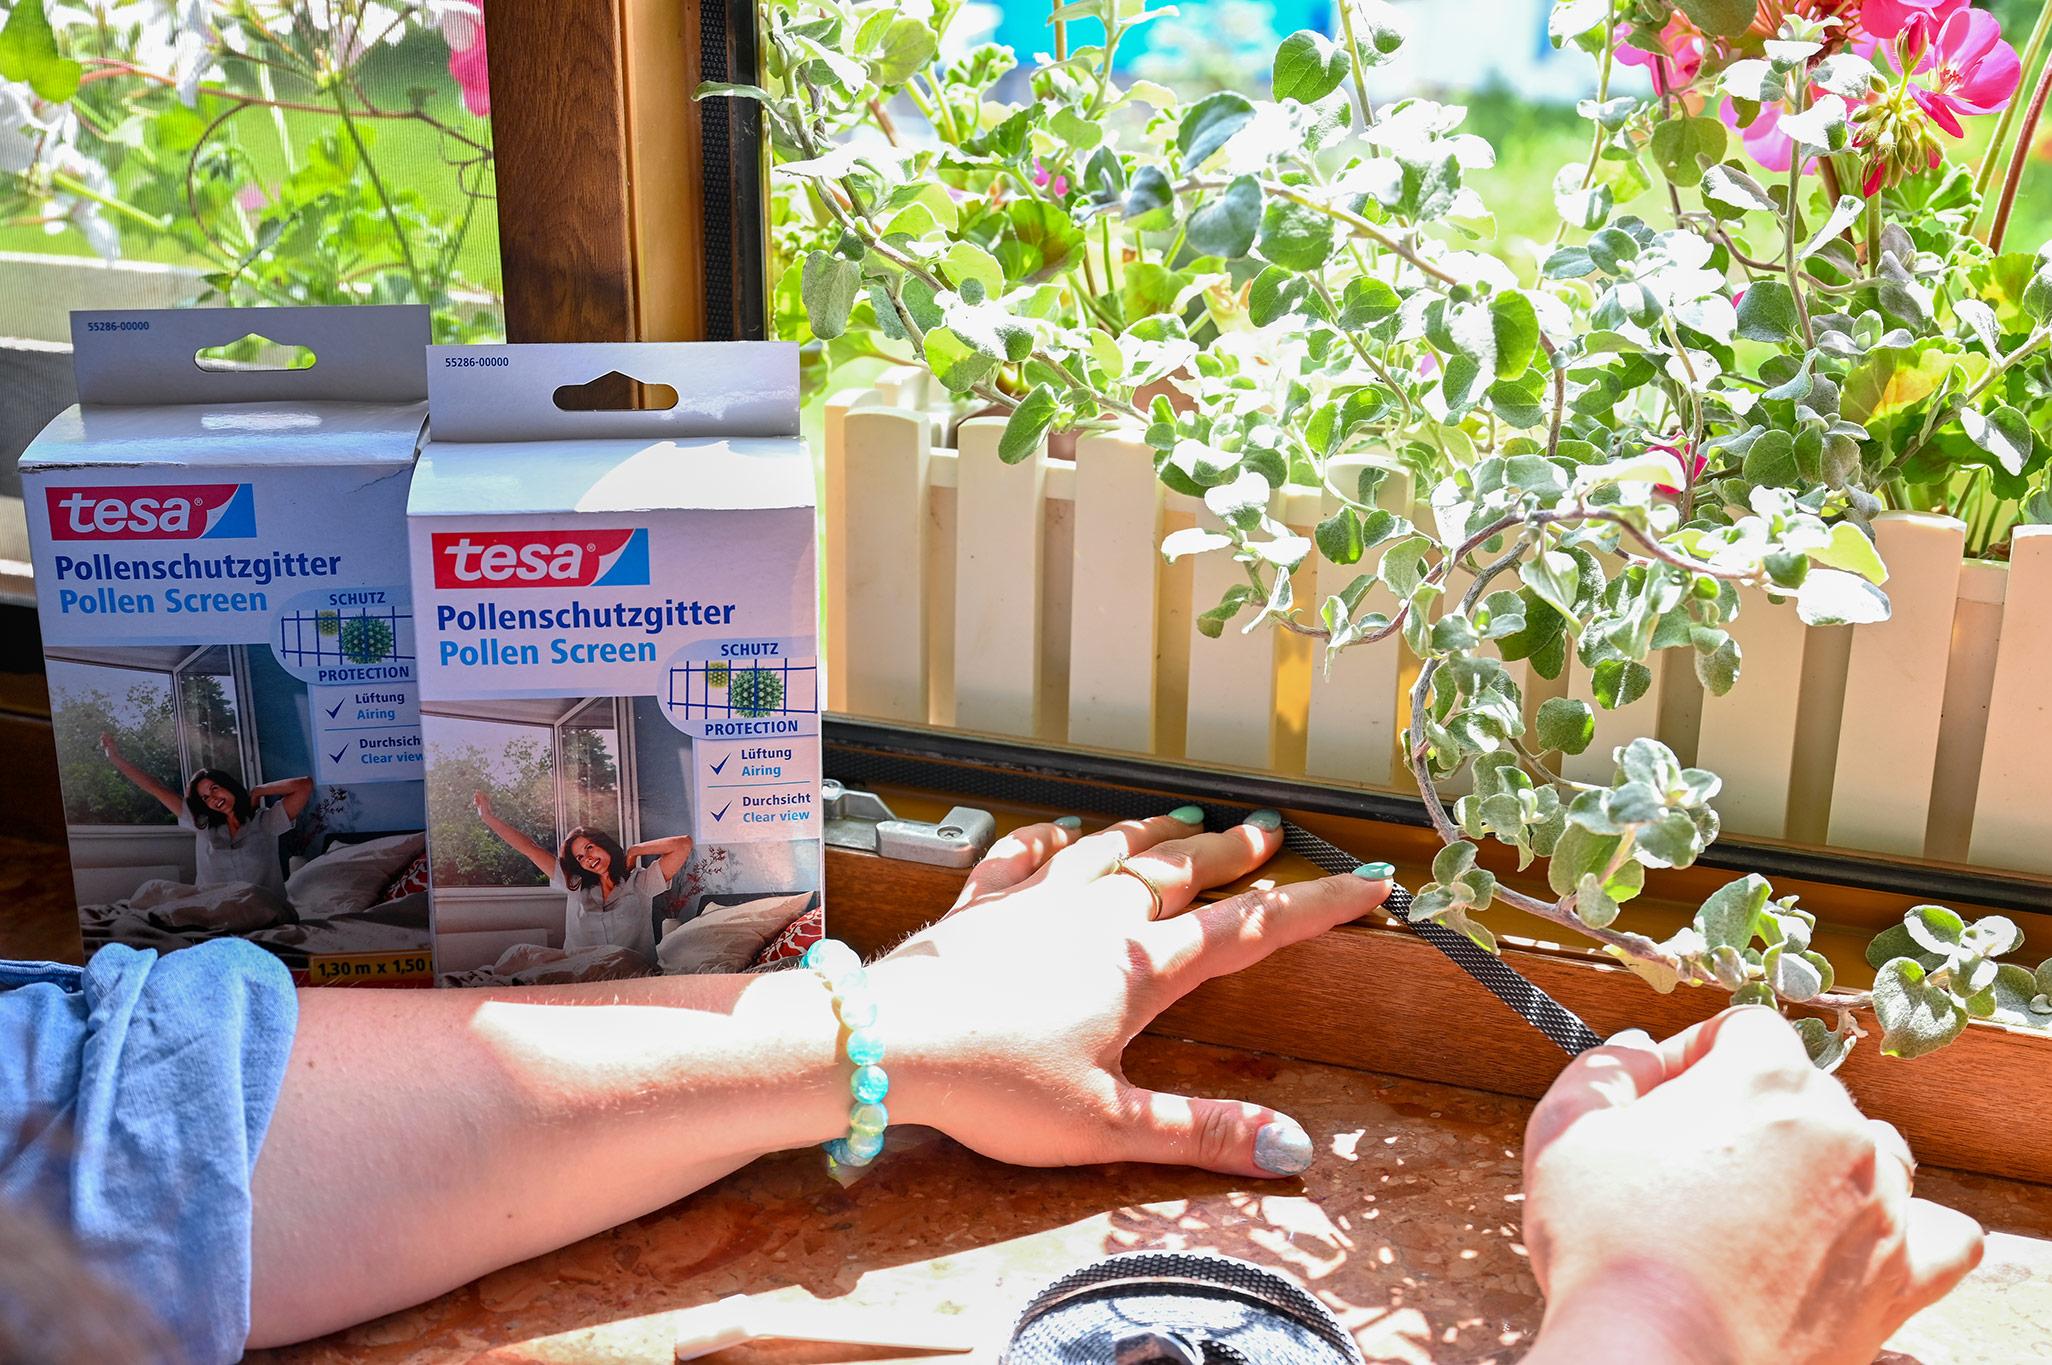 Moskitiera na okno, montaż moskitiery w oknie, moskitiera tesa, moskitiera antyalergiczna